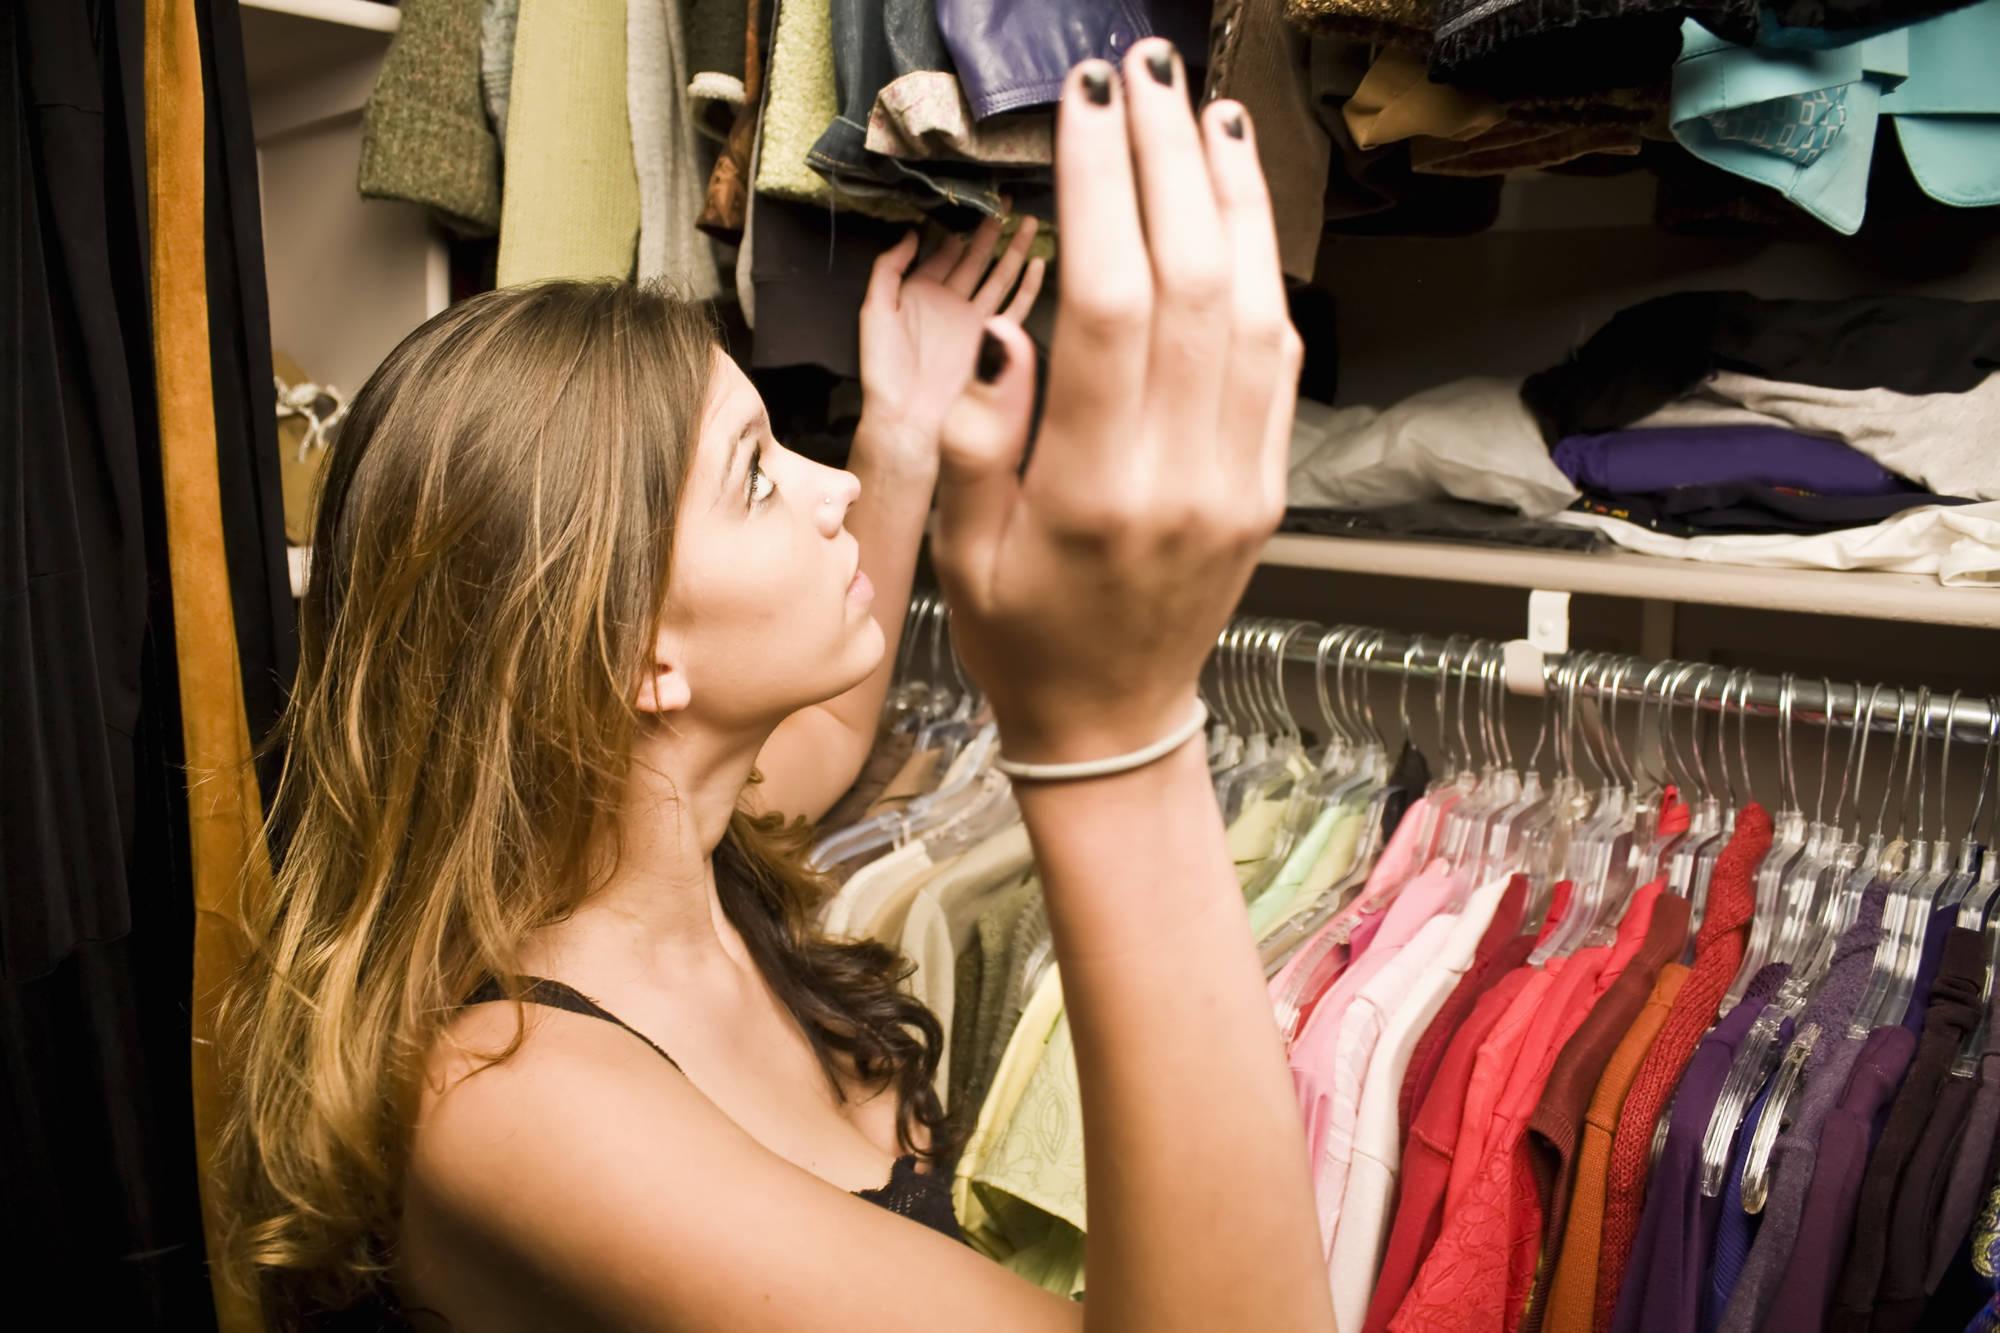 зона как убрать одежду фото вами симпатичная